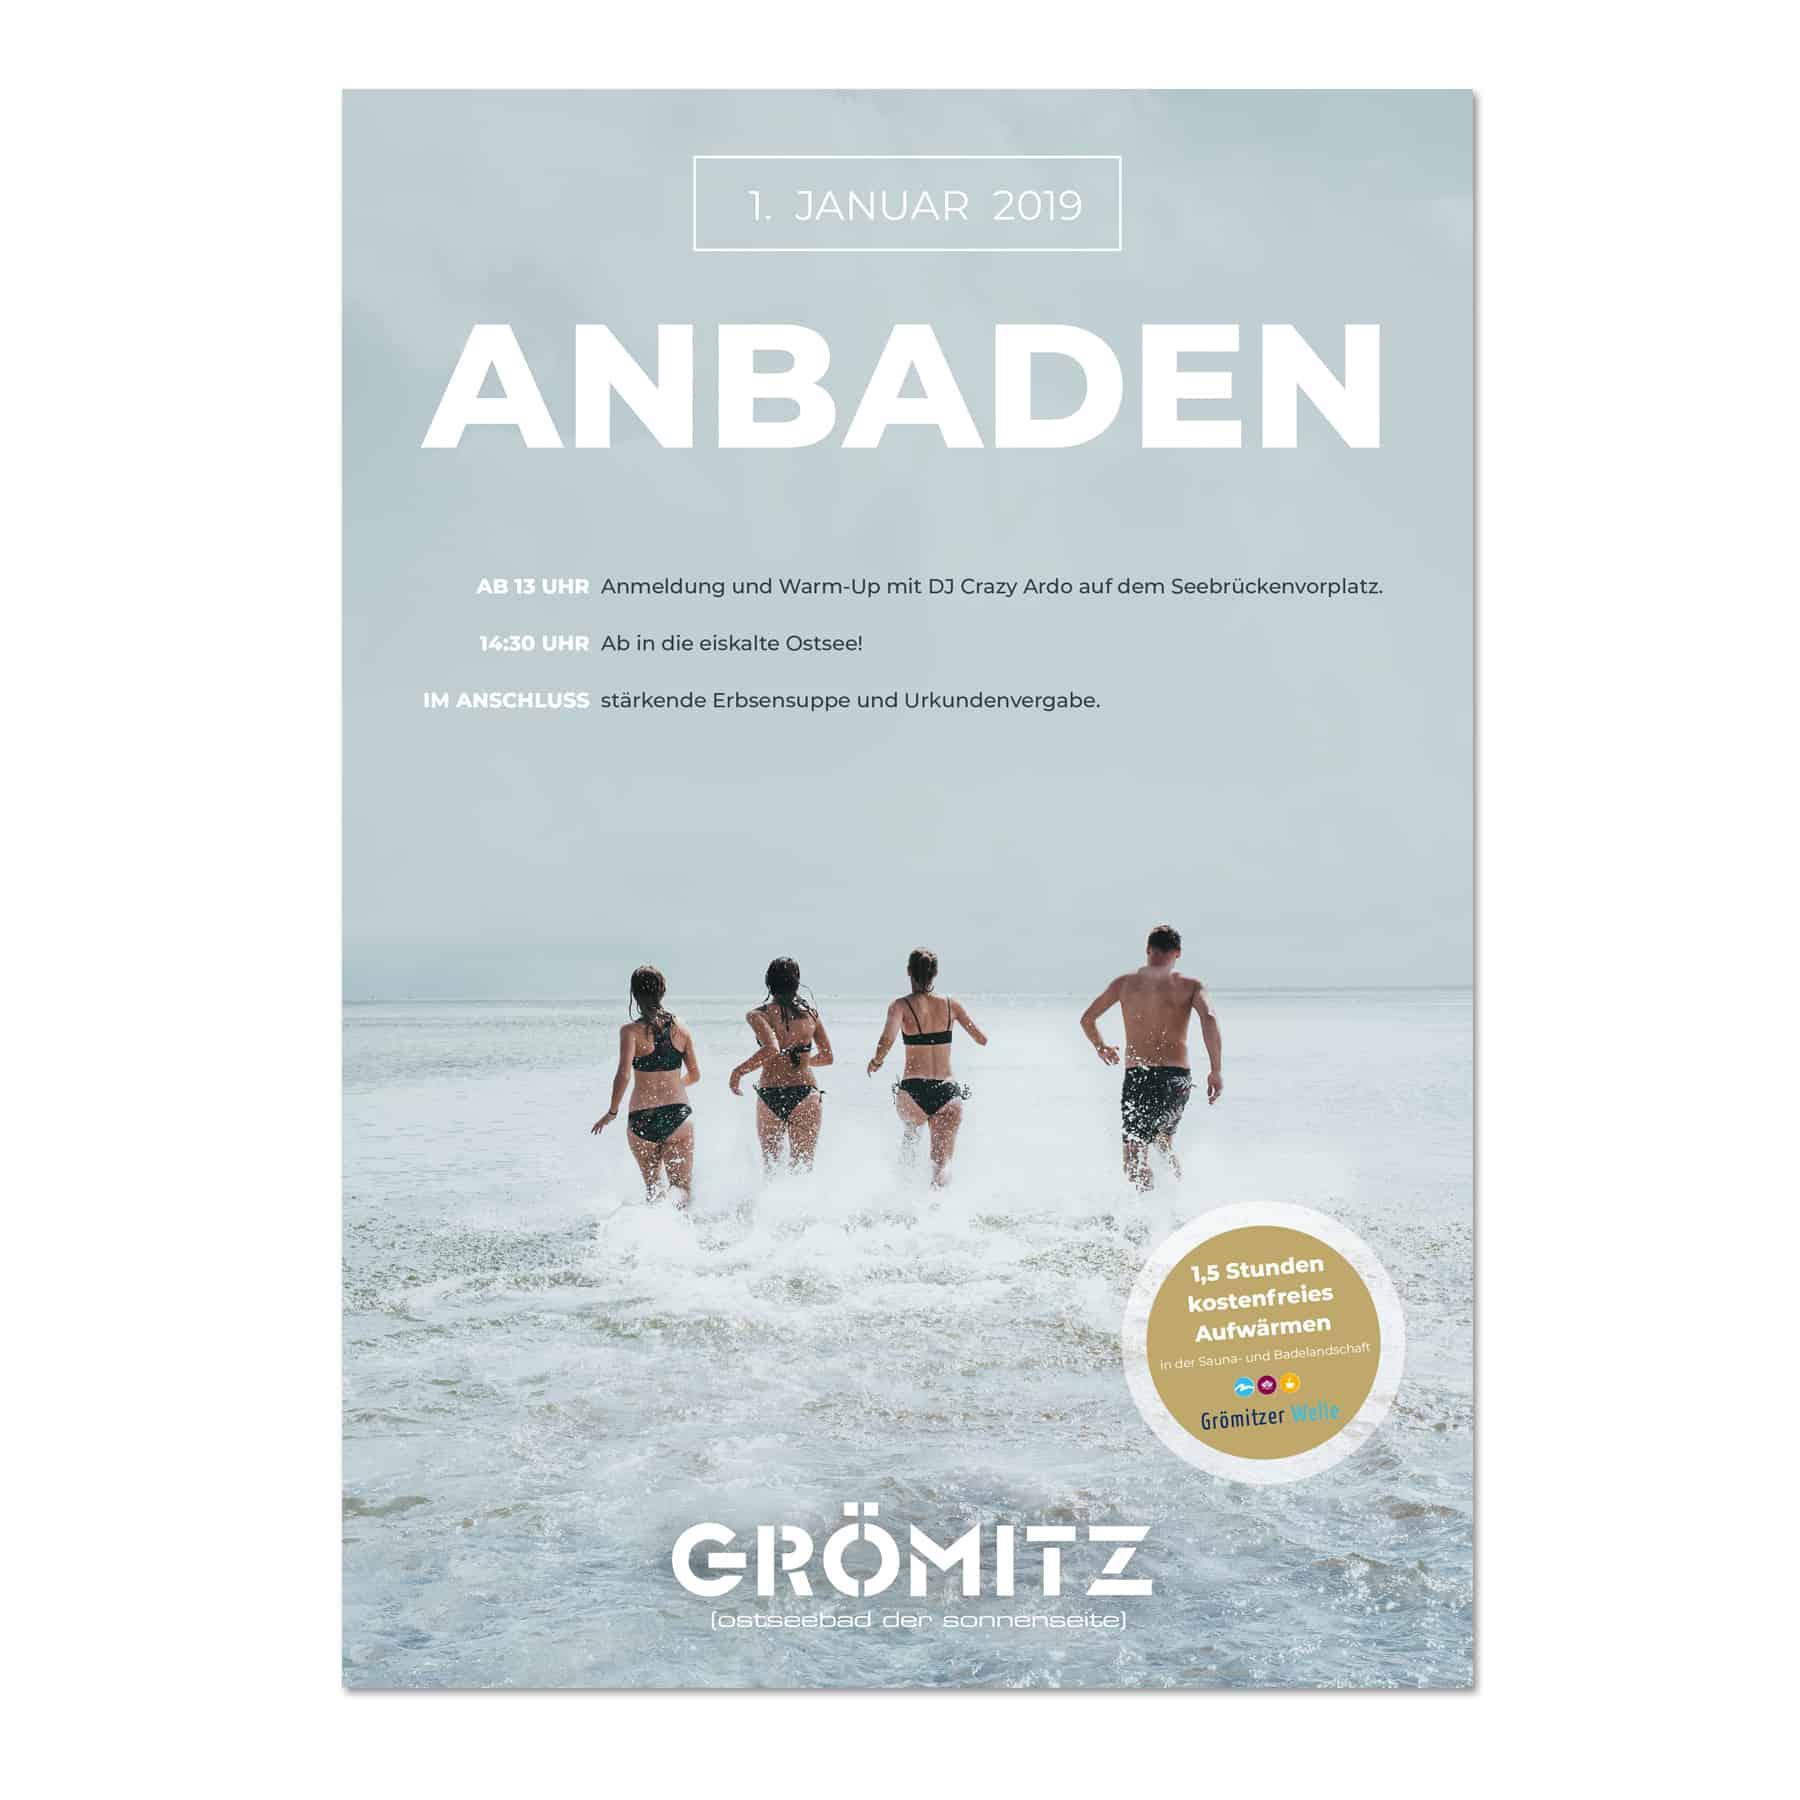 La Deutsche Vita - Drucksachen Plakat Anbaden Grömitz